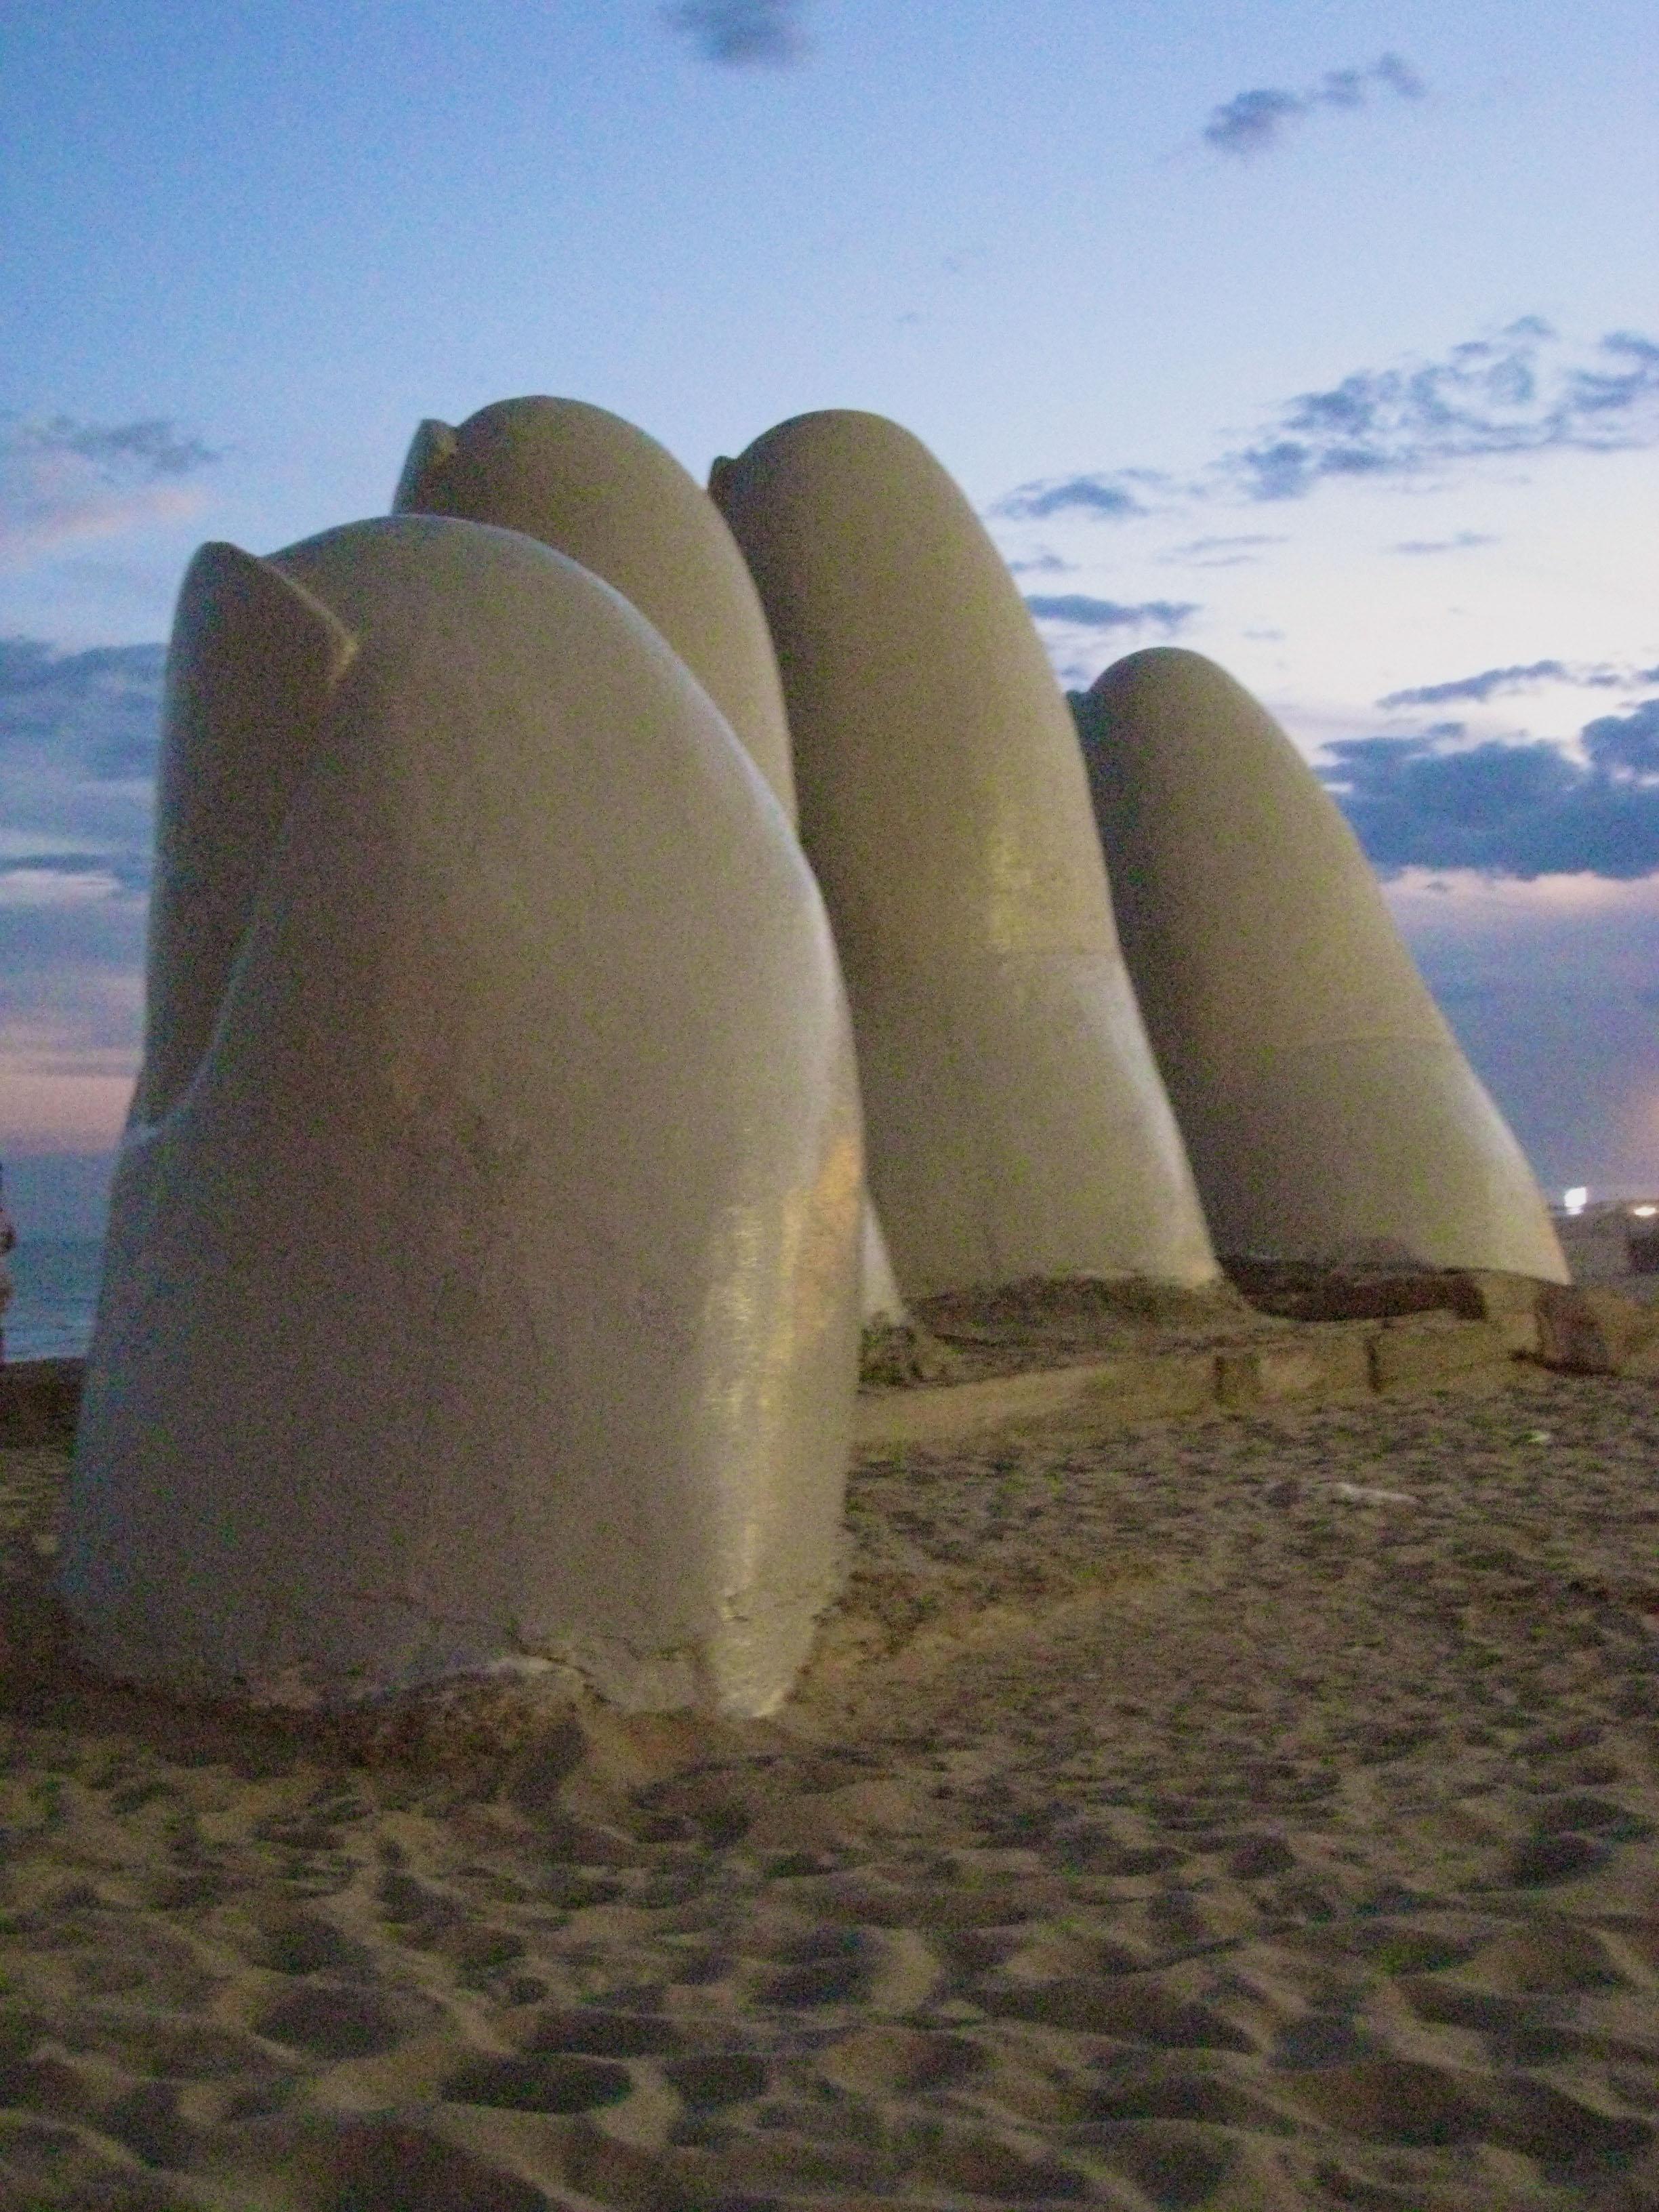 in Punta del Este, Uruguay